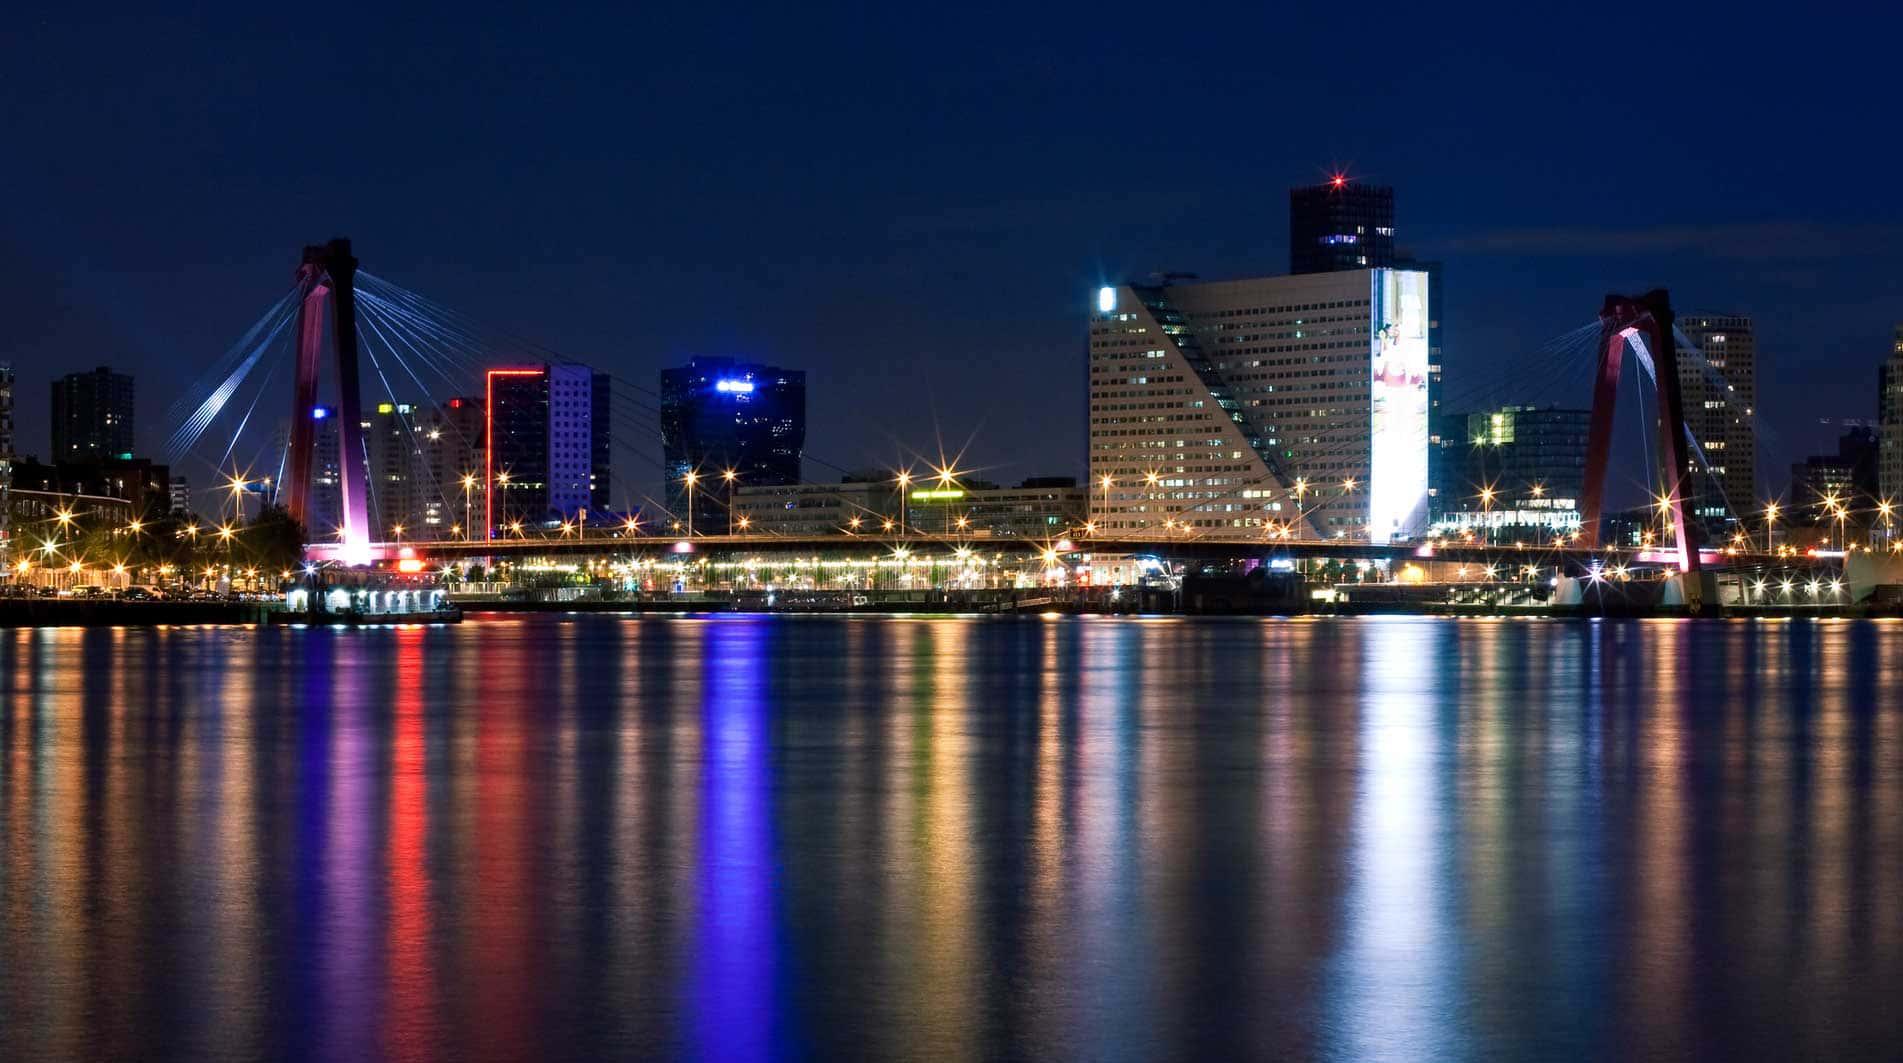 شهر رتردام اجاره نامه های خود را در یک بلاکچین ثبت می نماید